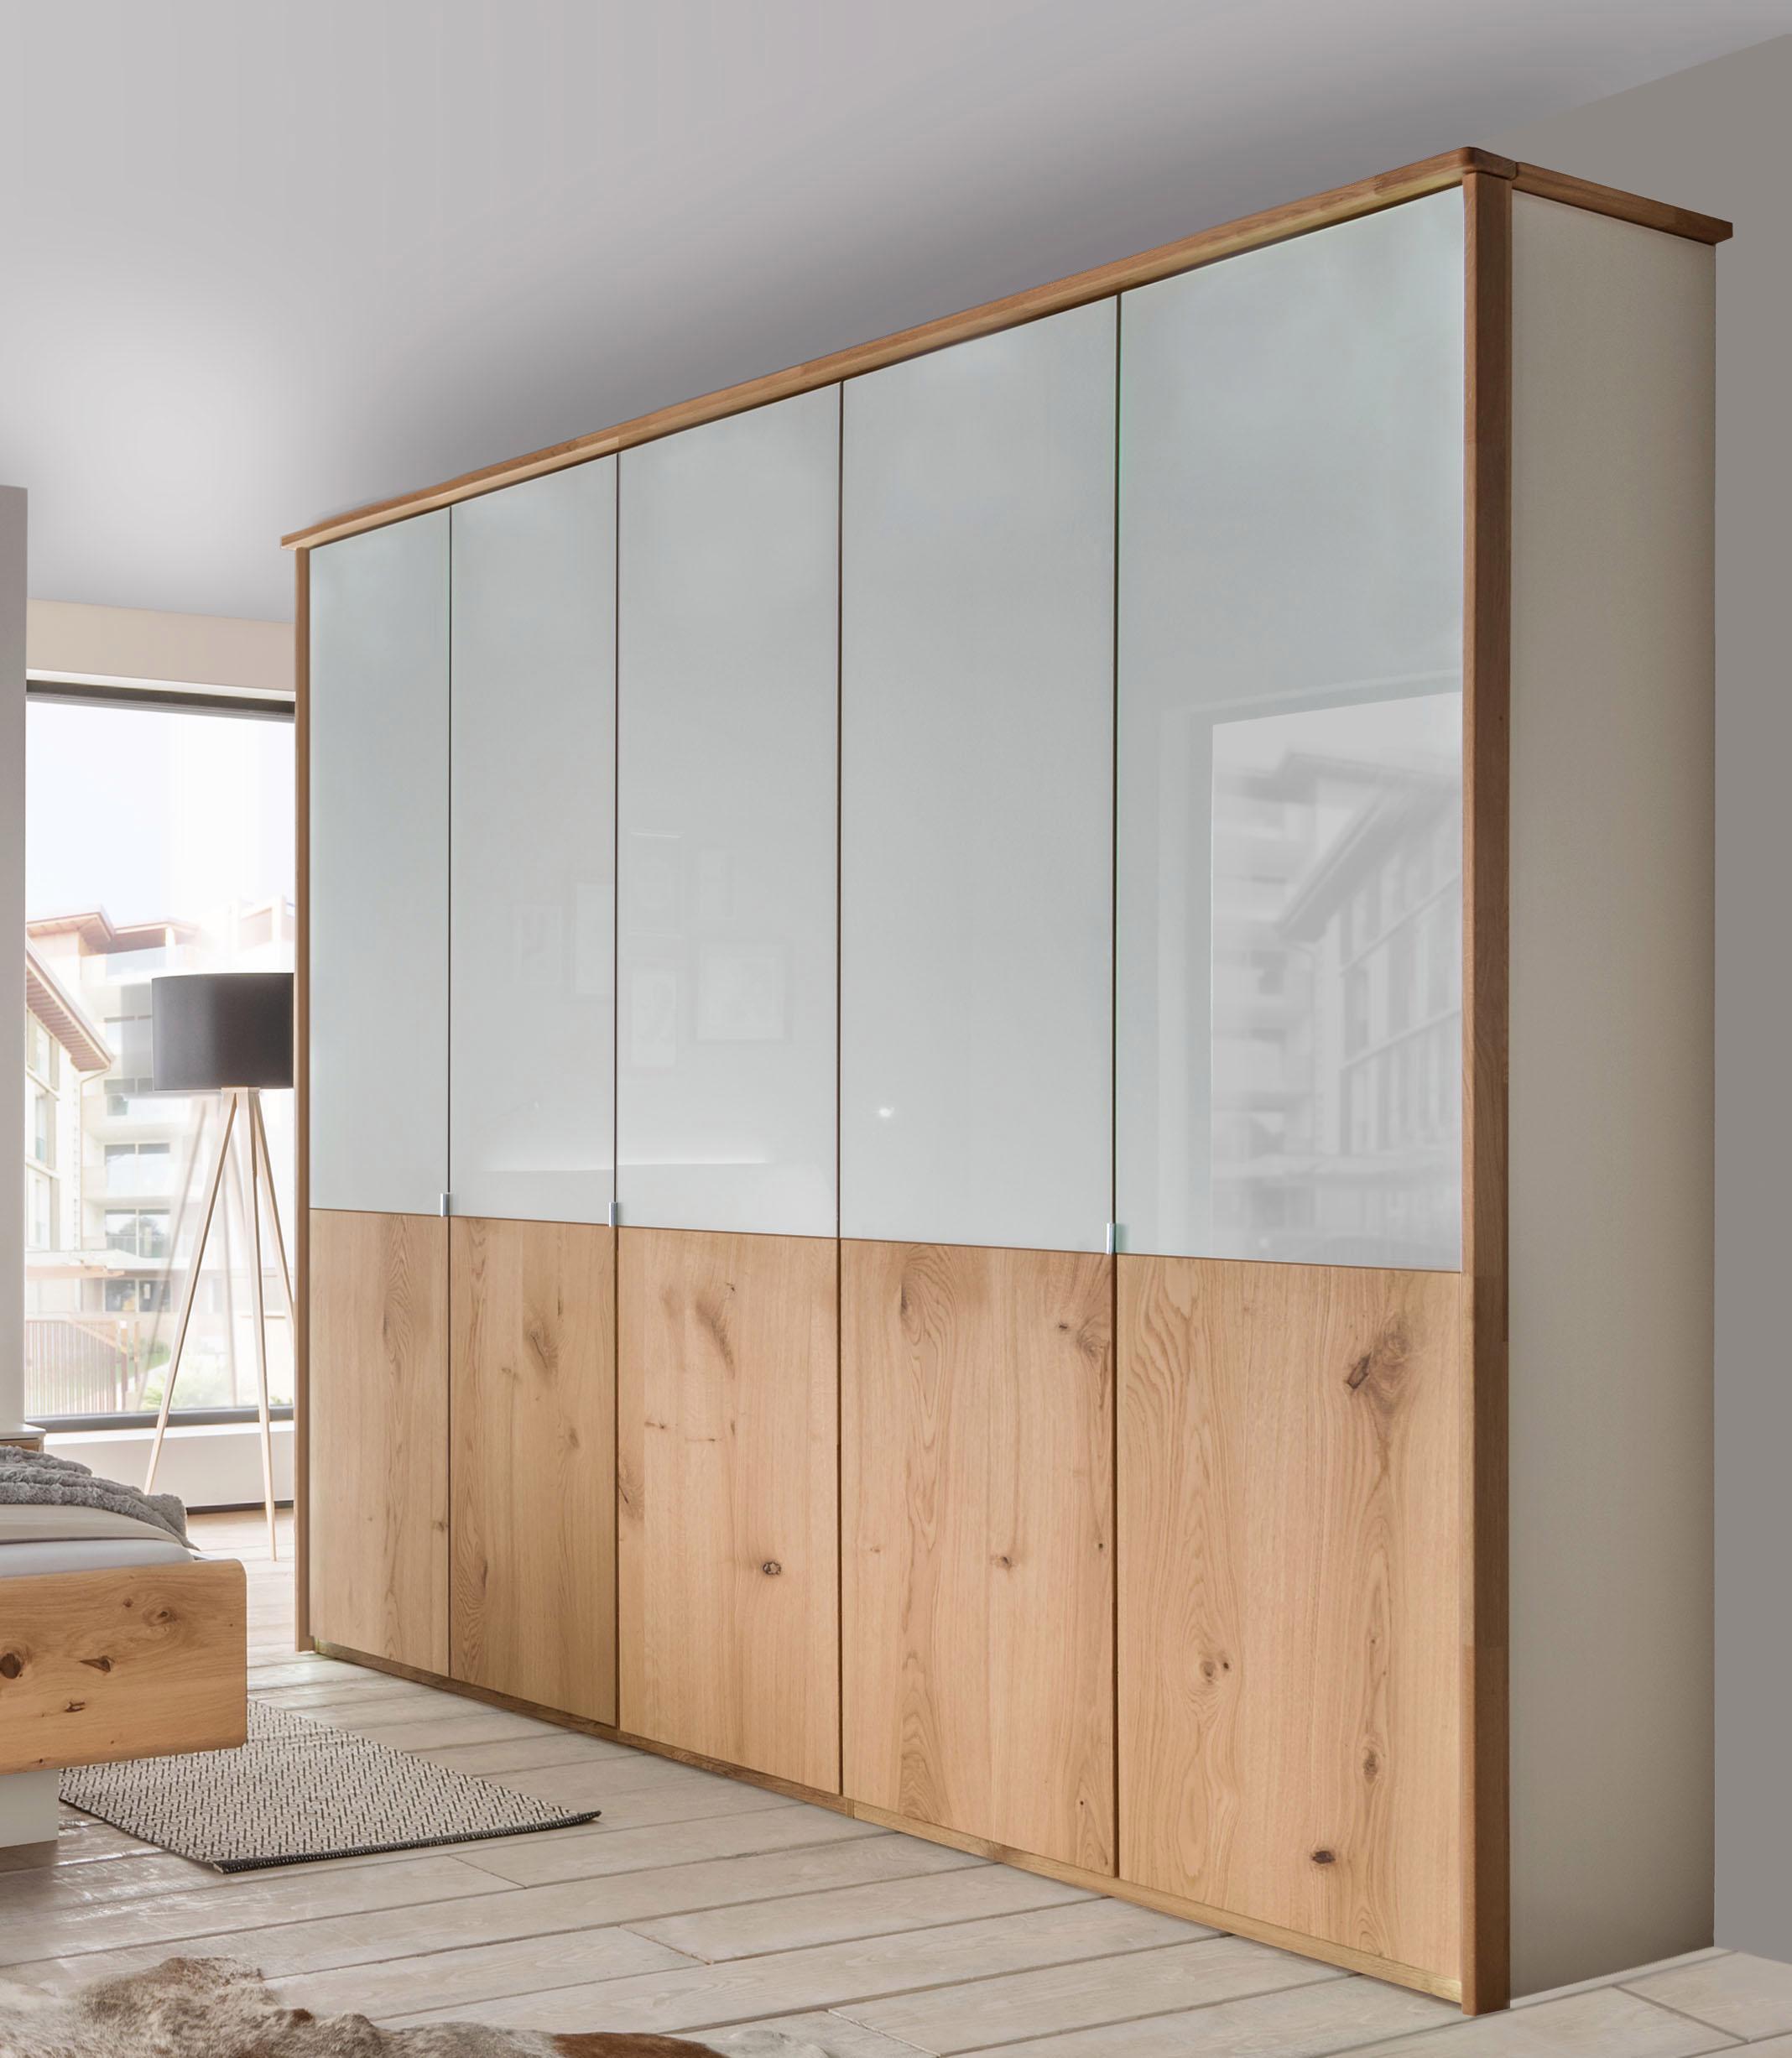 wiemann passepartout rahmen chicago wahlweise mit beleuchtung kanzlei broetzmann. Black Bedroom Furniture Sets. Home Design Ideas